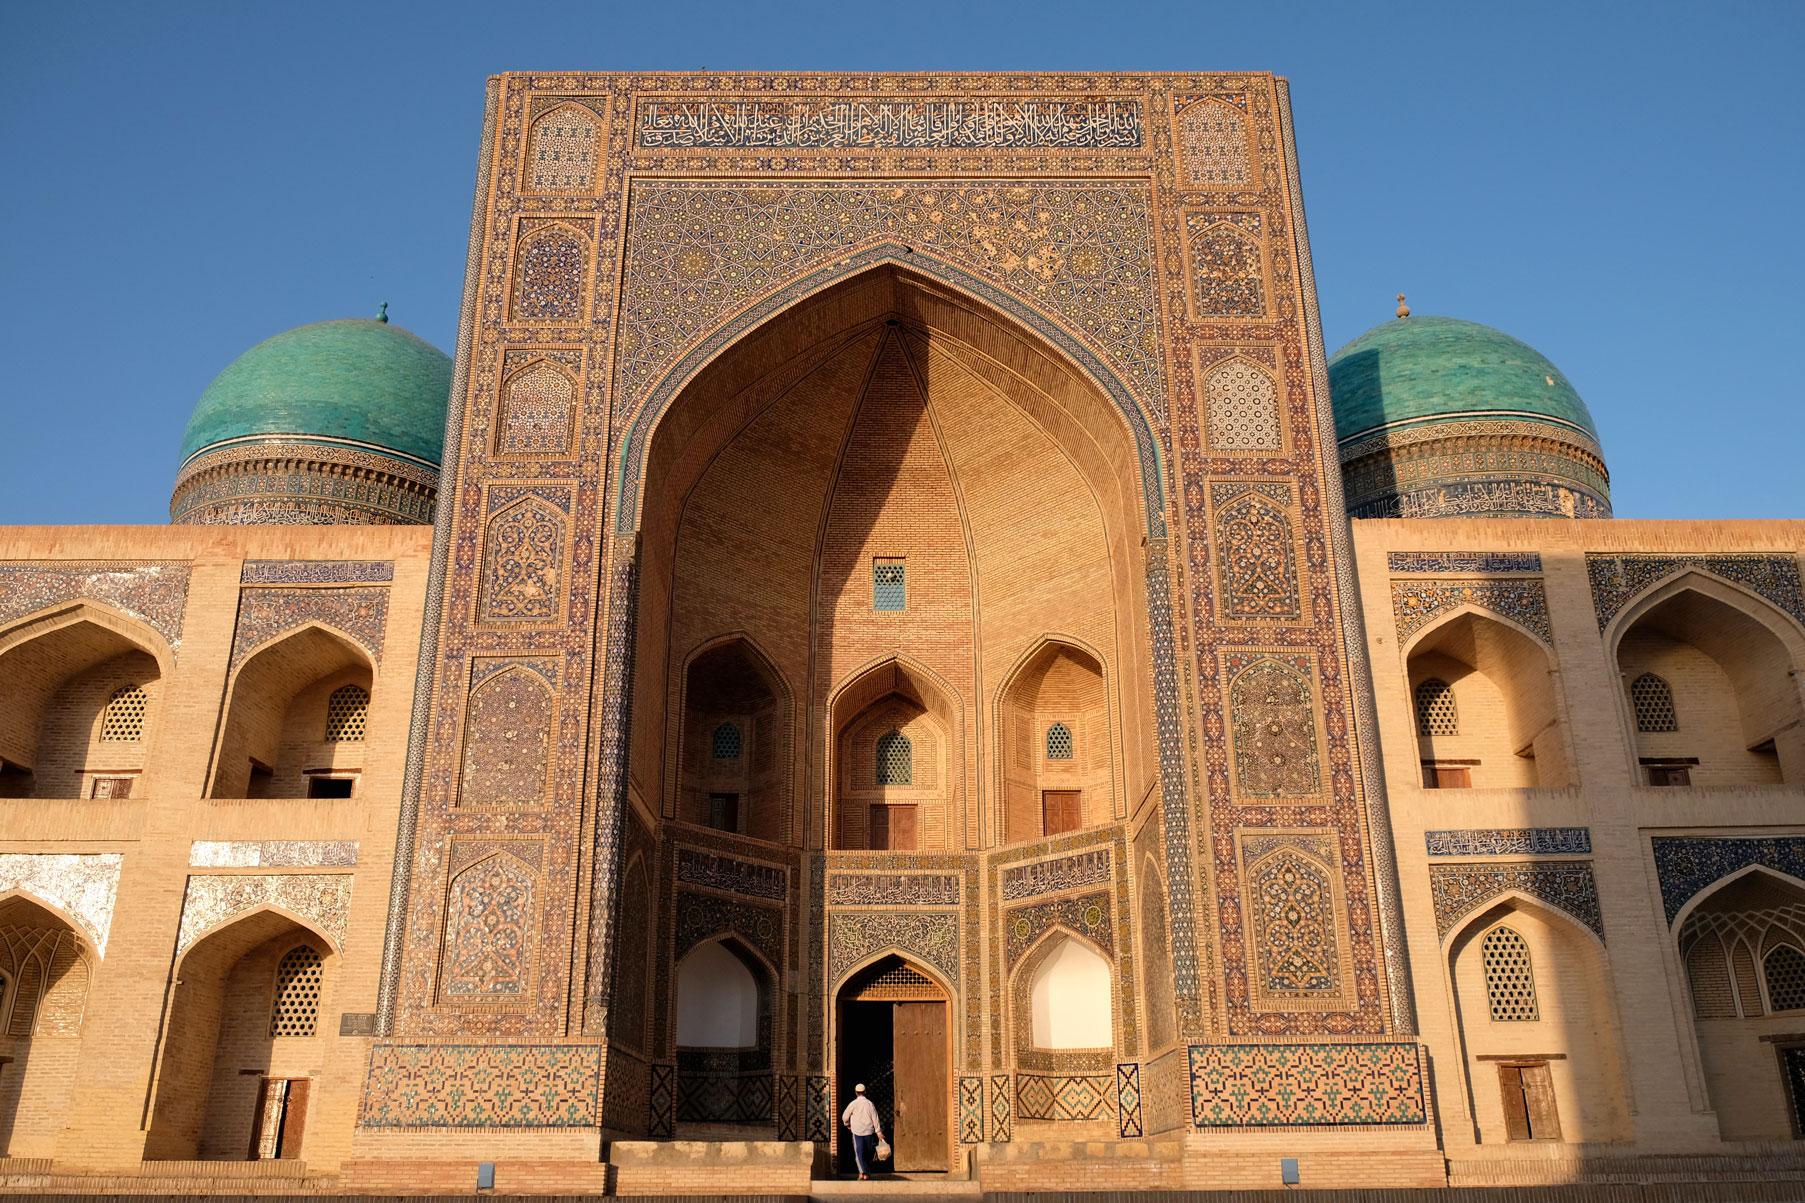 Ein weiteres BeisAuch die Mir-Arab-Madrasa (vollendet 1536/37) ist trotz und wegen ihres stattlichen Alters absolut sehenswertpiel: Die Mir-Arab-Madrasa (vollendet 1536/37)